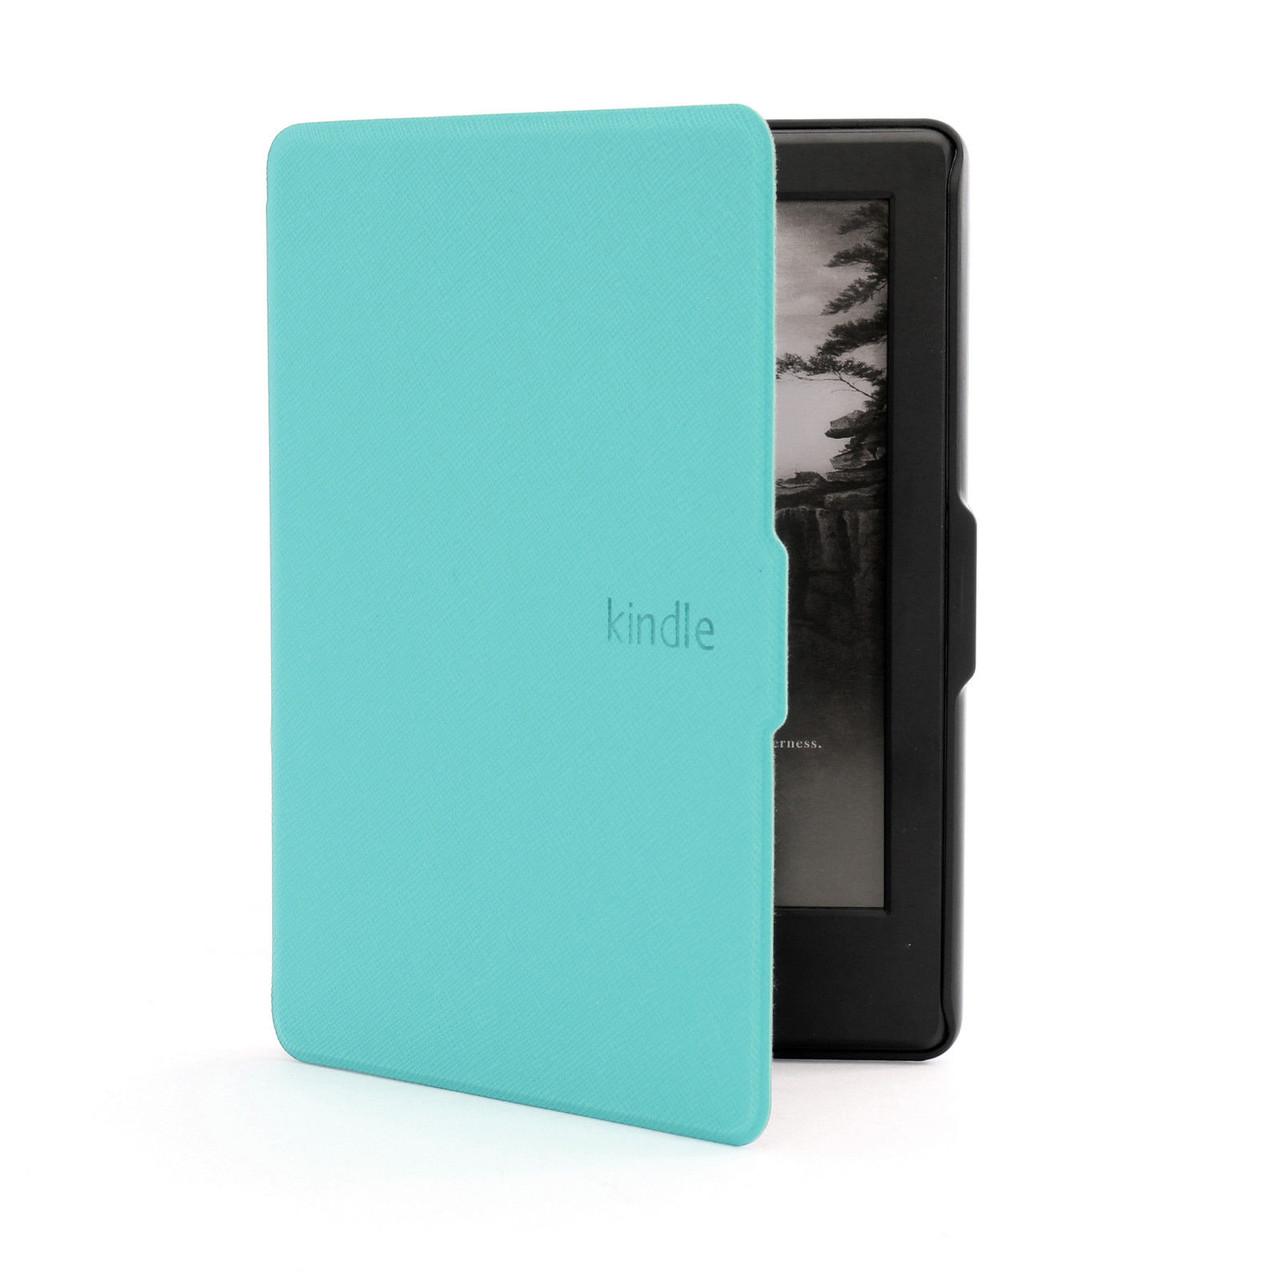 Кожаный чехол для Amazon Kindle 8 (бирюзовый)